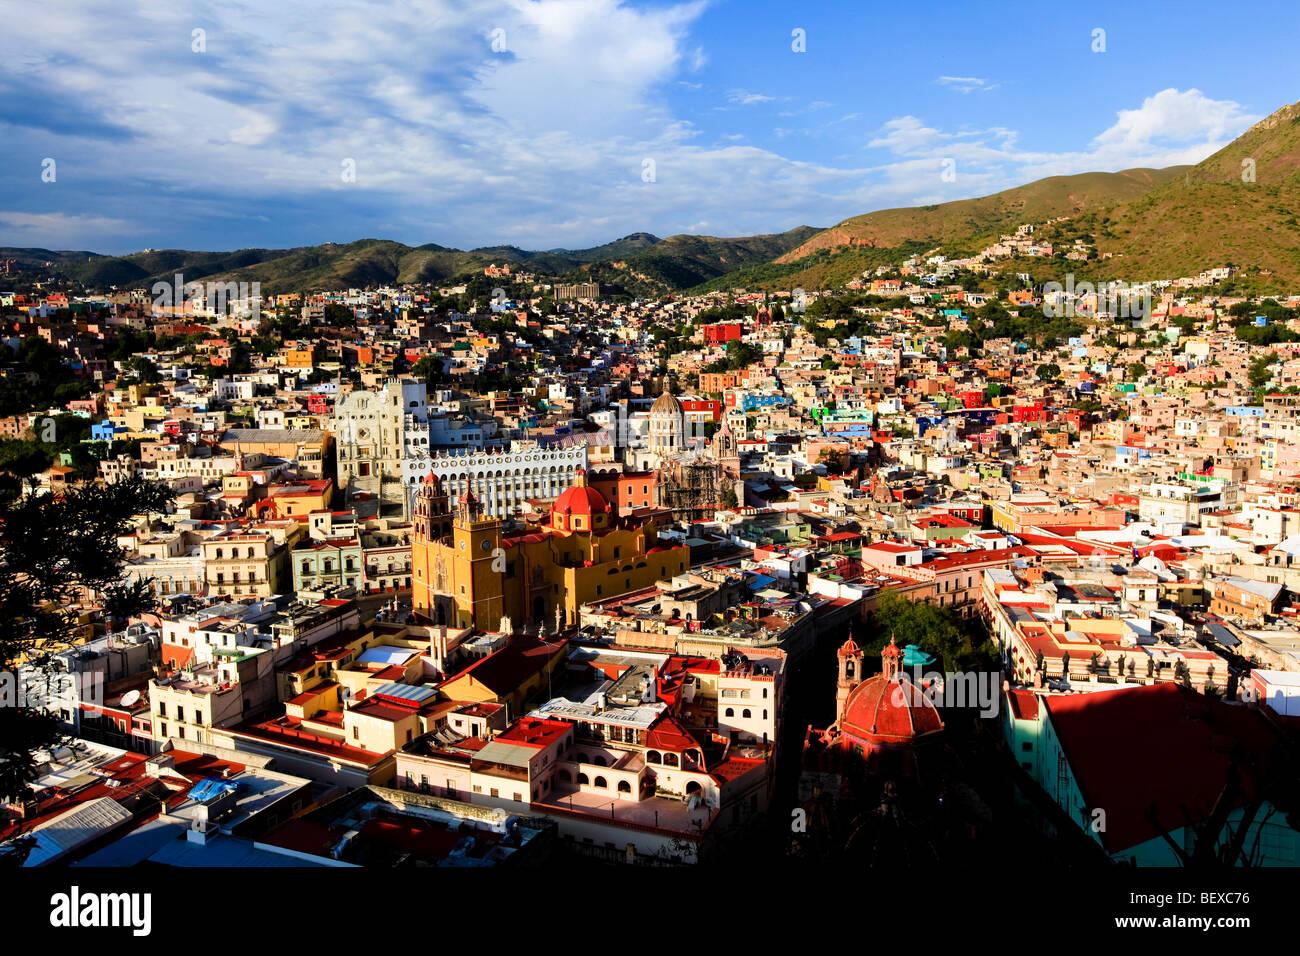 View from El Pipila, Guanajuato, Mexico Stock Photo